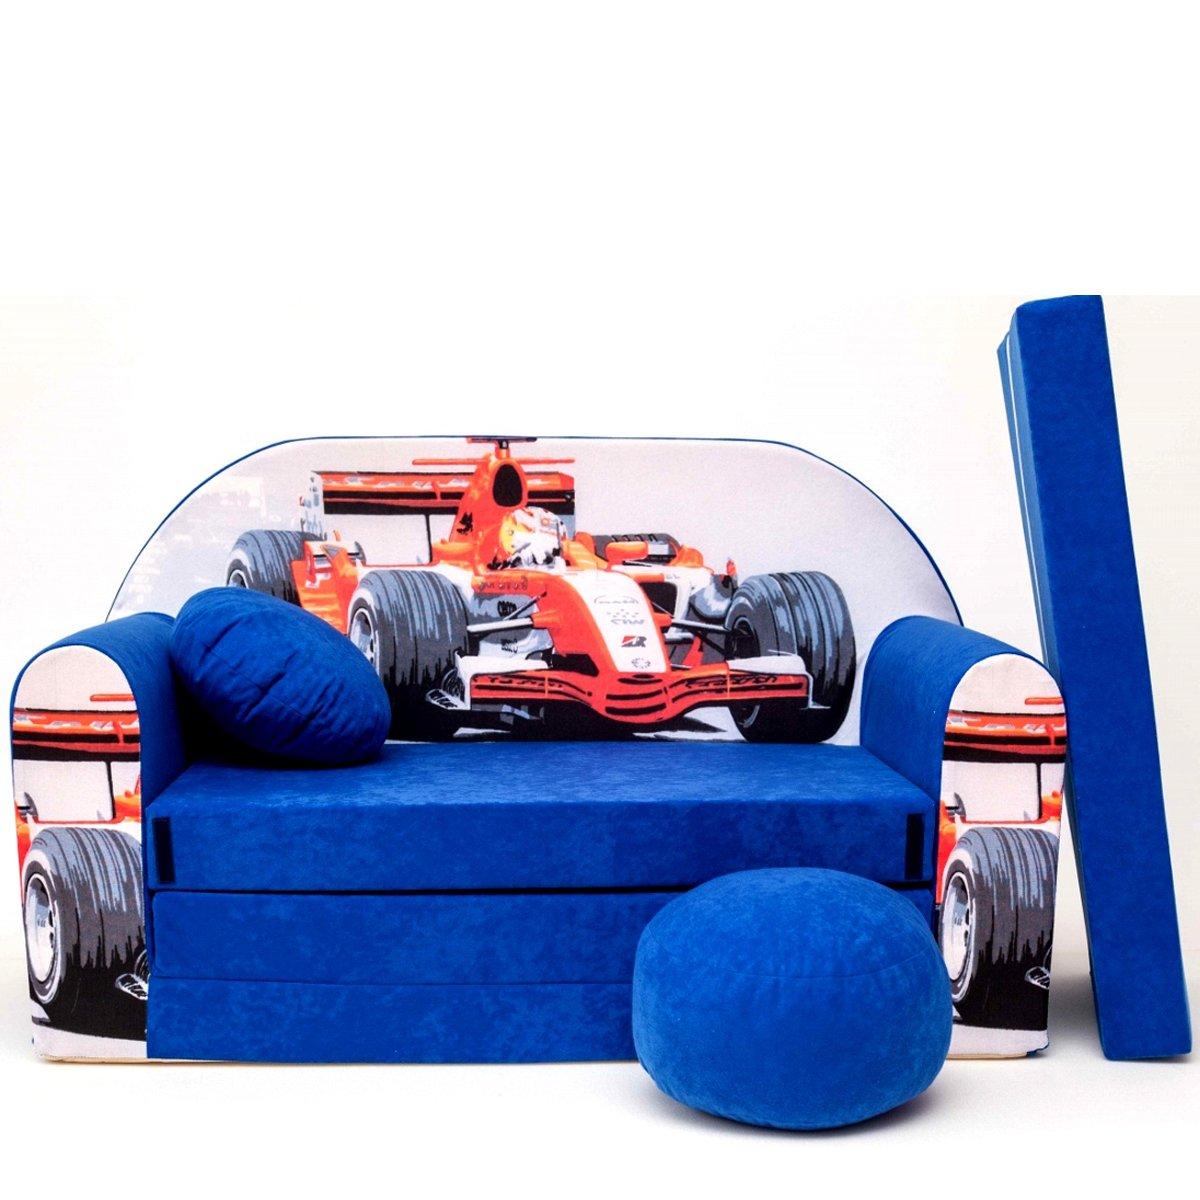 C2+ un divano per bambini Baby divano letto divano divano mini pouf cuscino 3in 1set schiuma Barabike SOF042